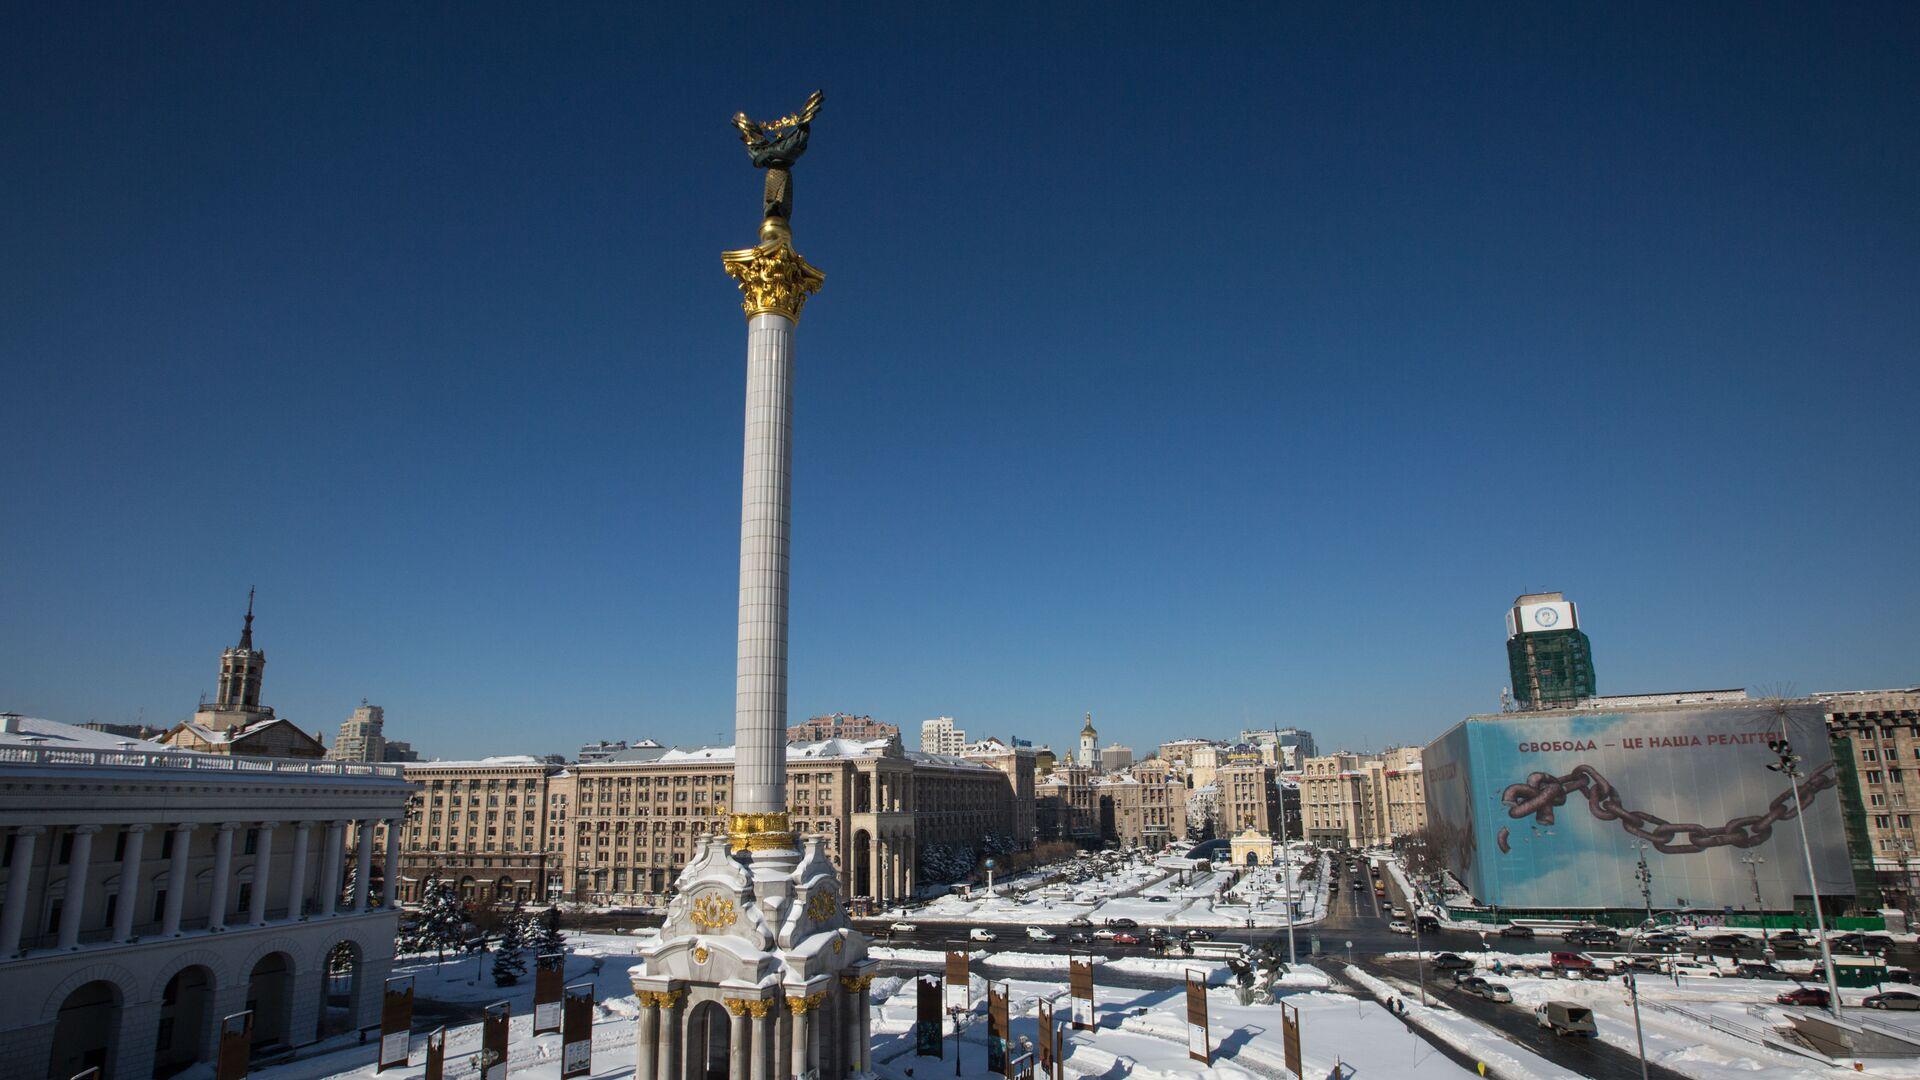 Площадь Независимости в Киеве - РИА Новости, 1920, 19.02.2021